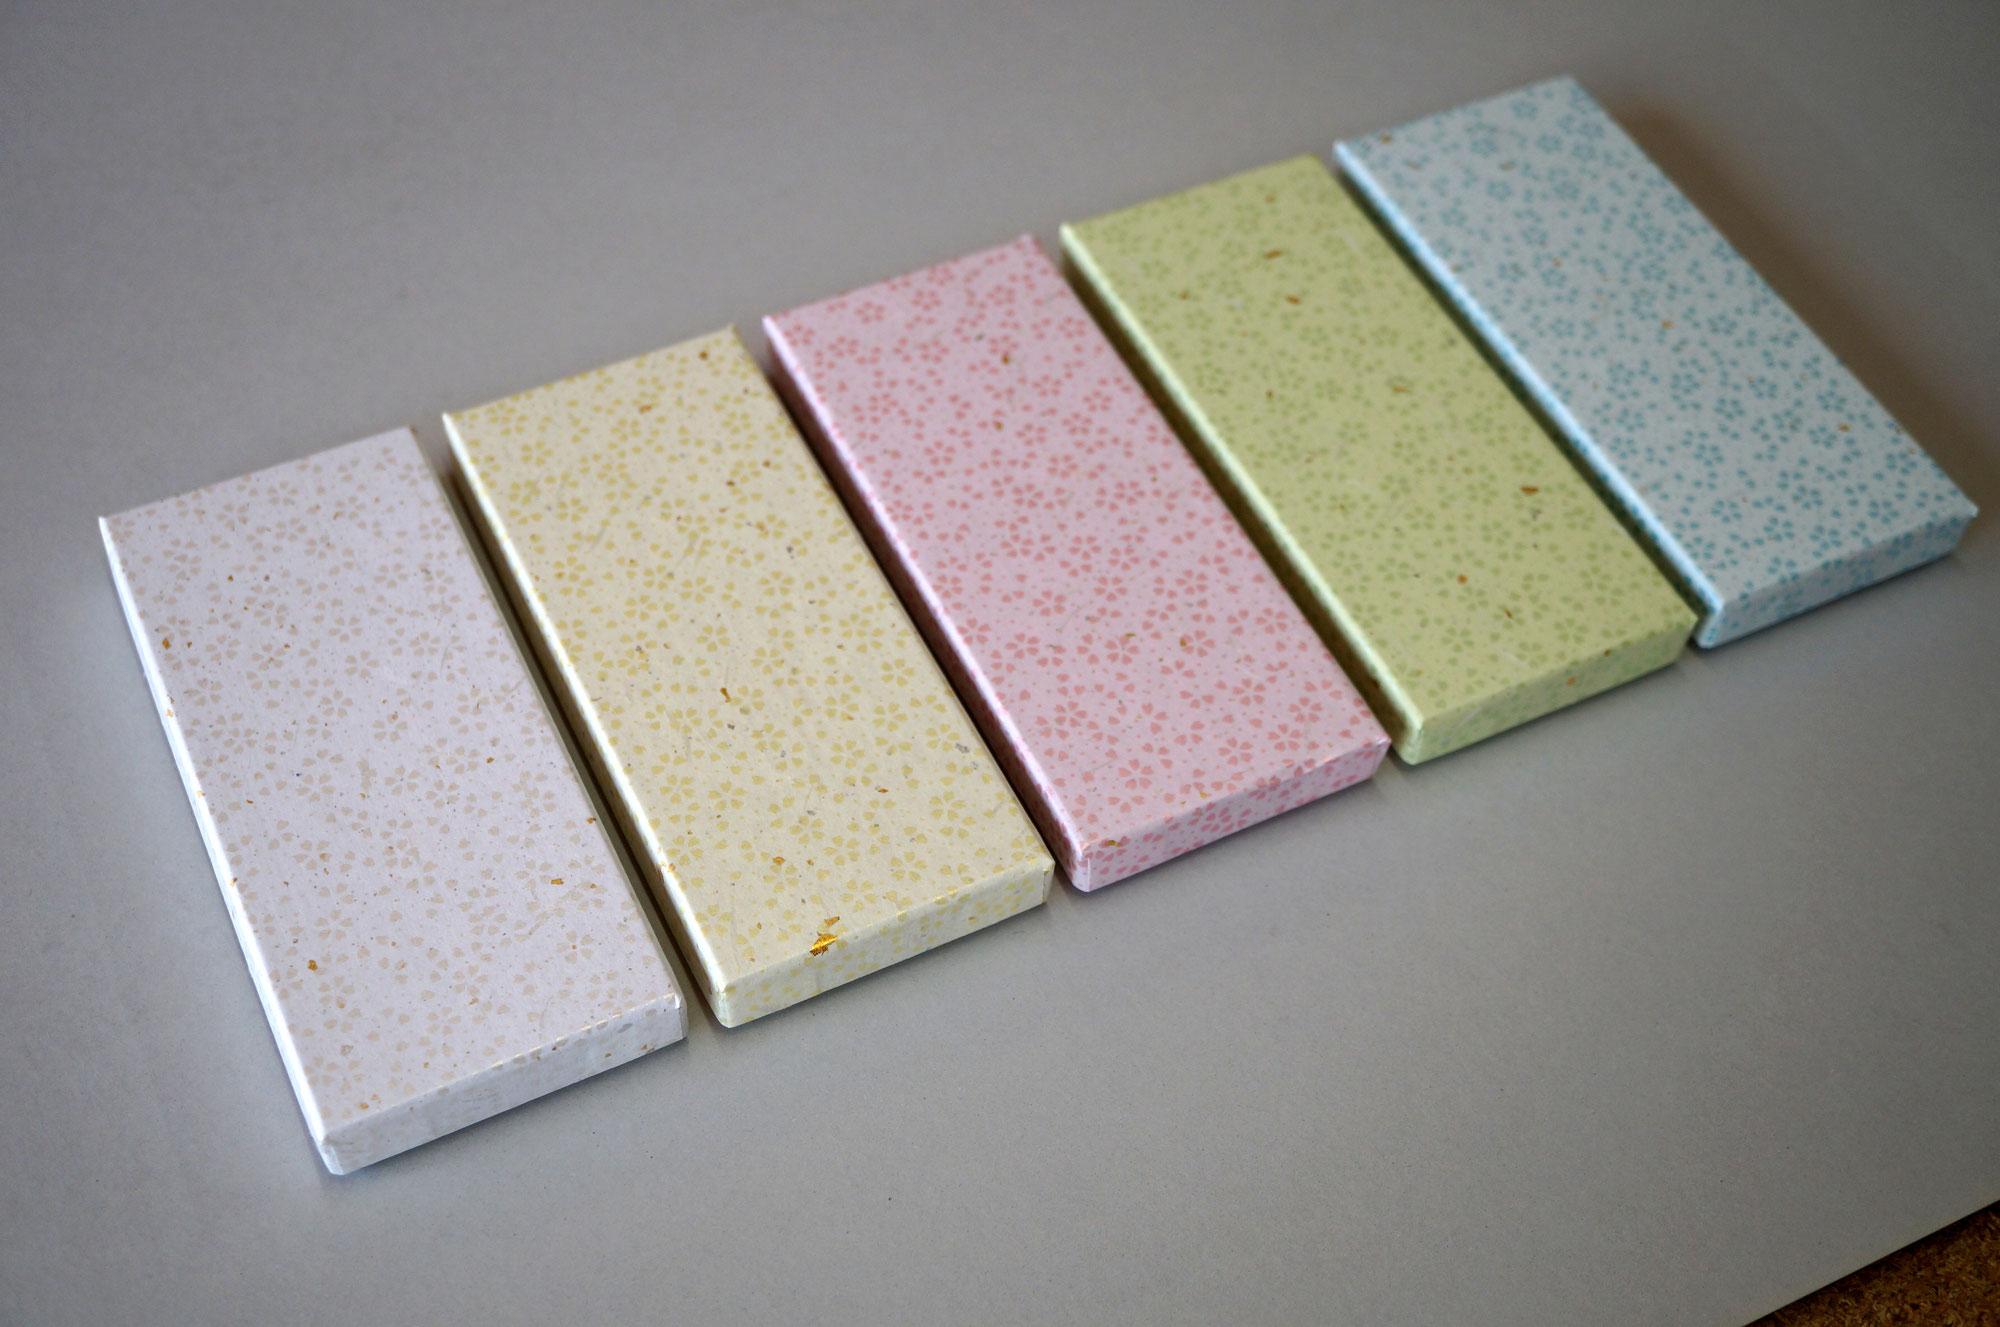 商品のイメージに合わせ5色の和紙を使い分け作製する別注の小さな貼り箱